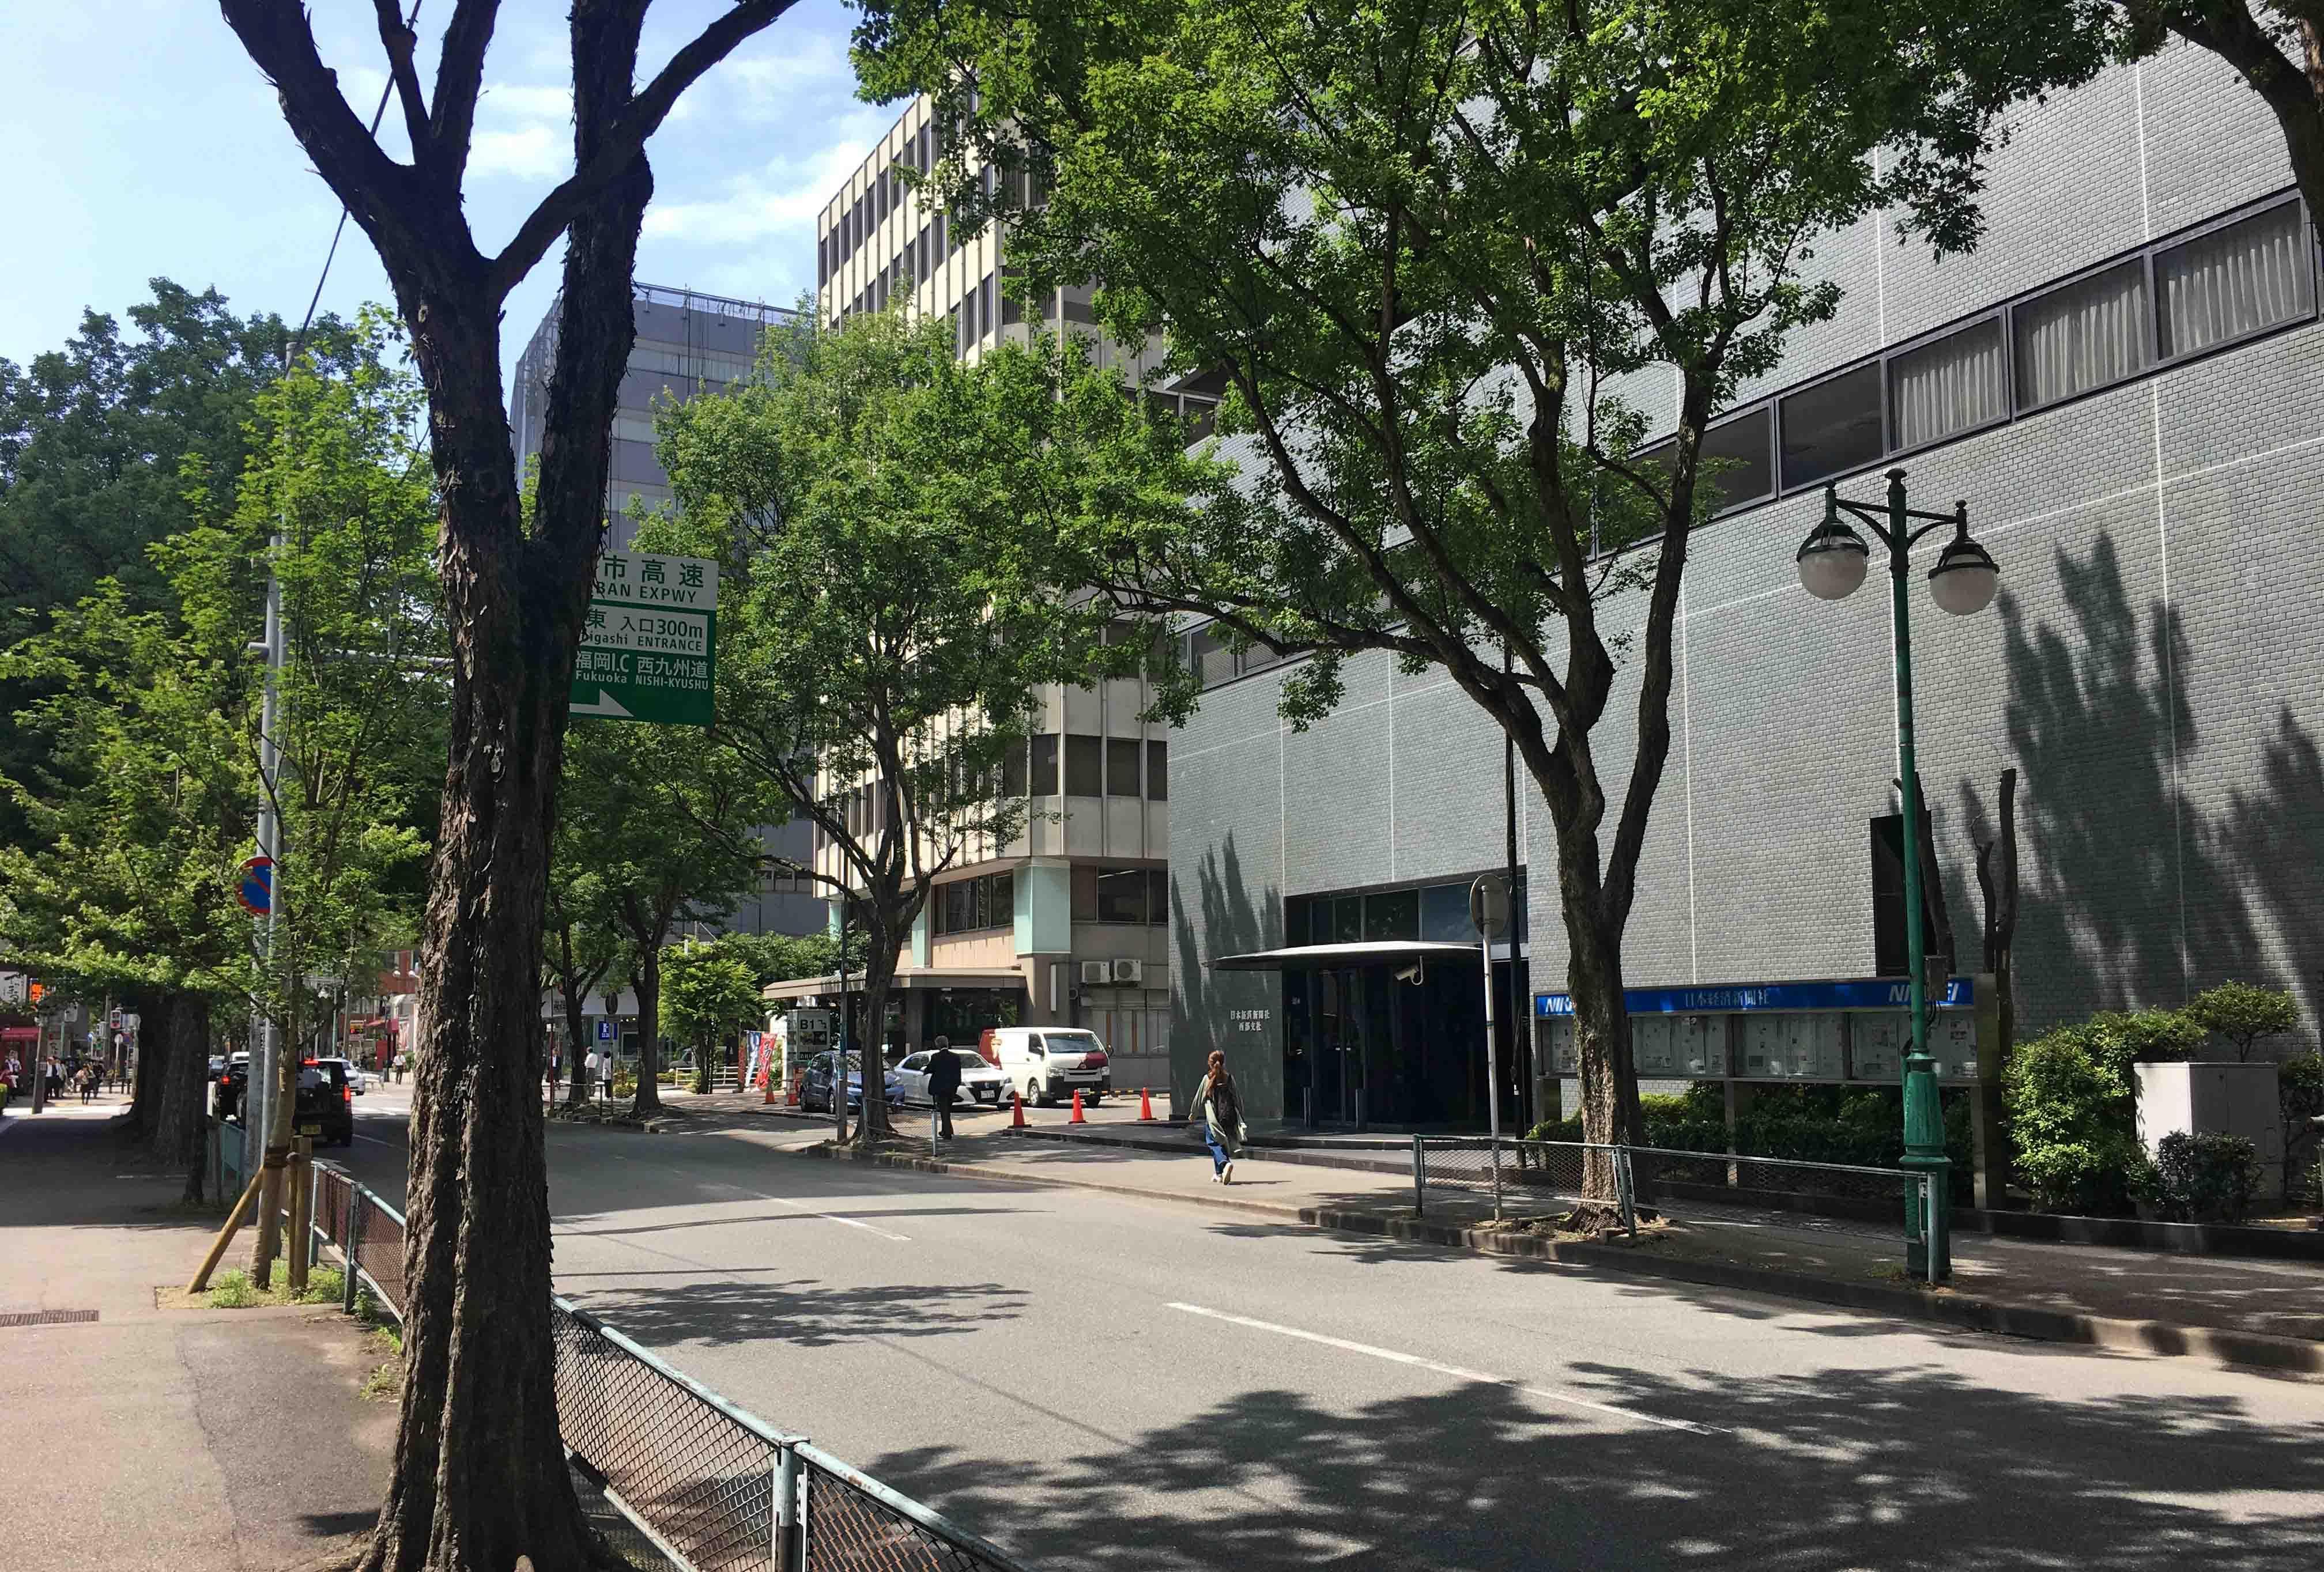 博多駅徒歩5分ながら街路樹モサモサで落ち着いた雰囲気の立地。